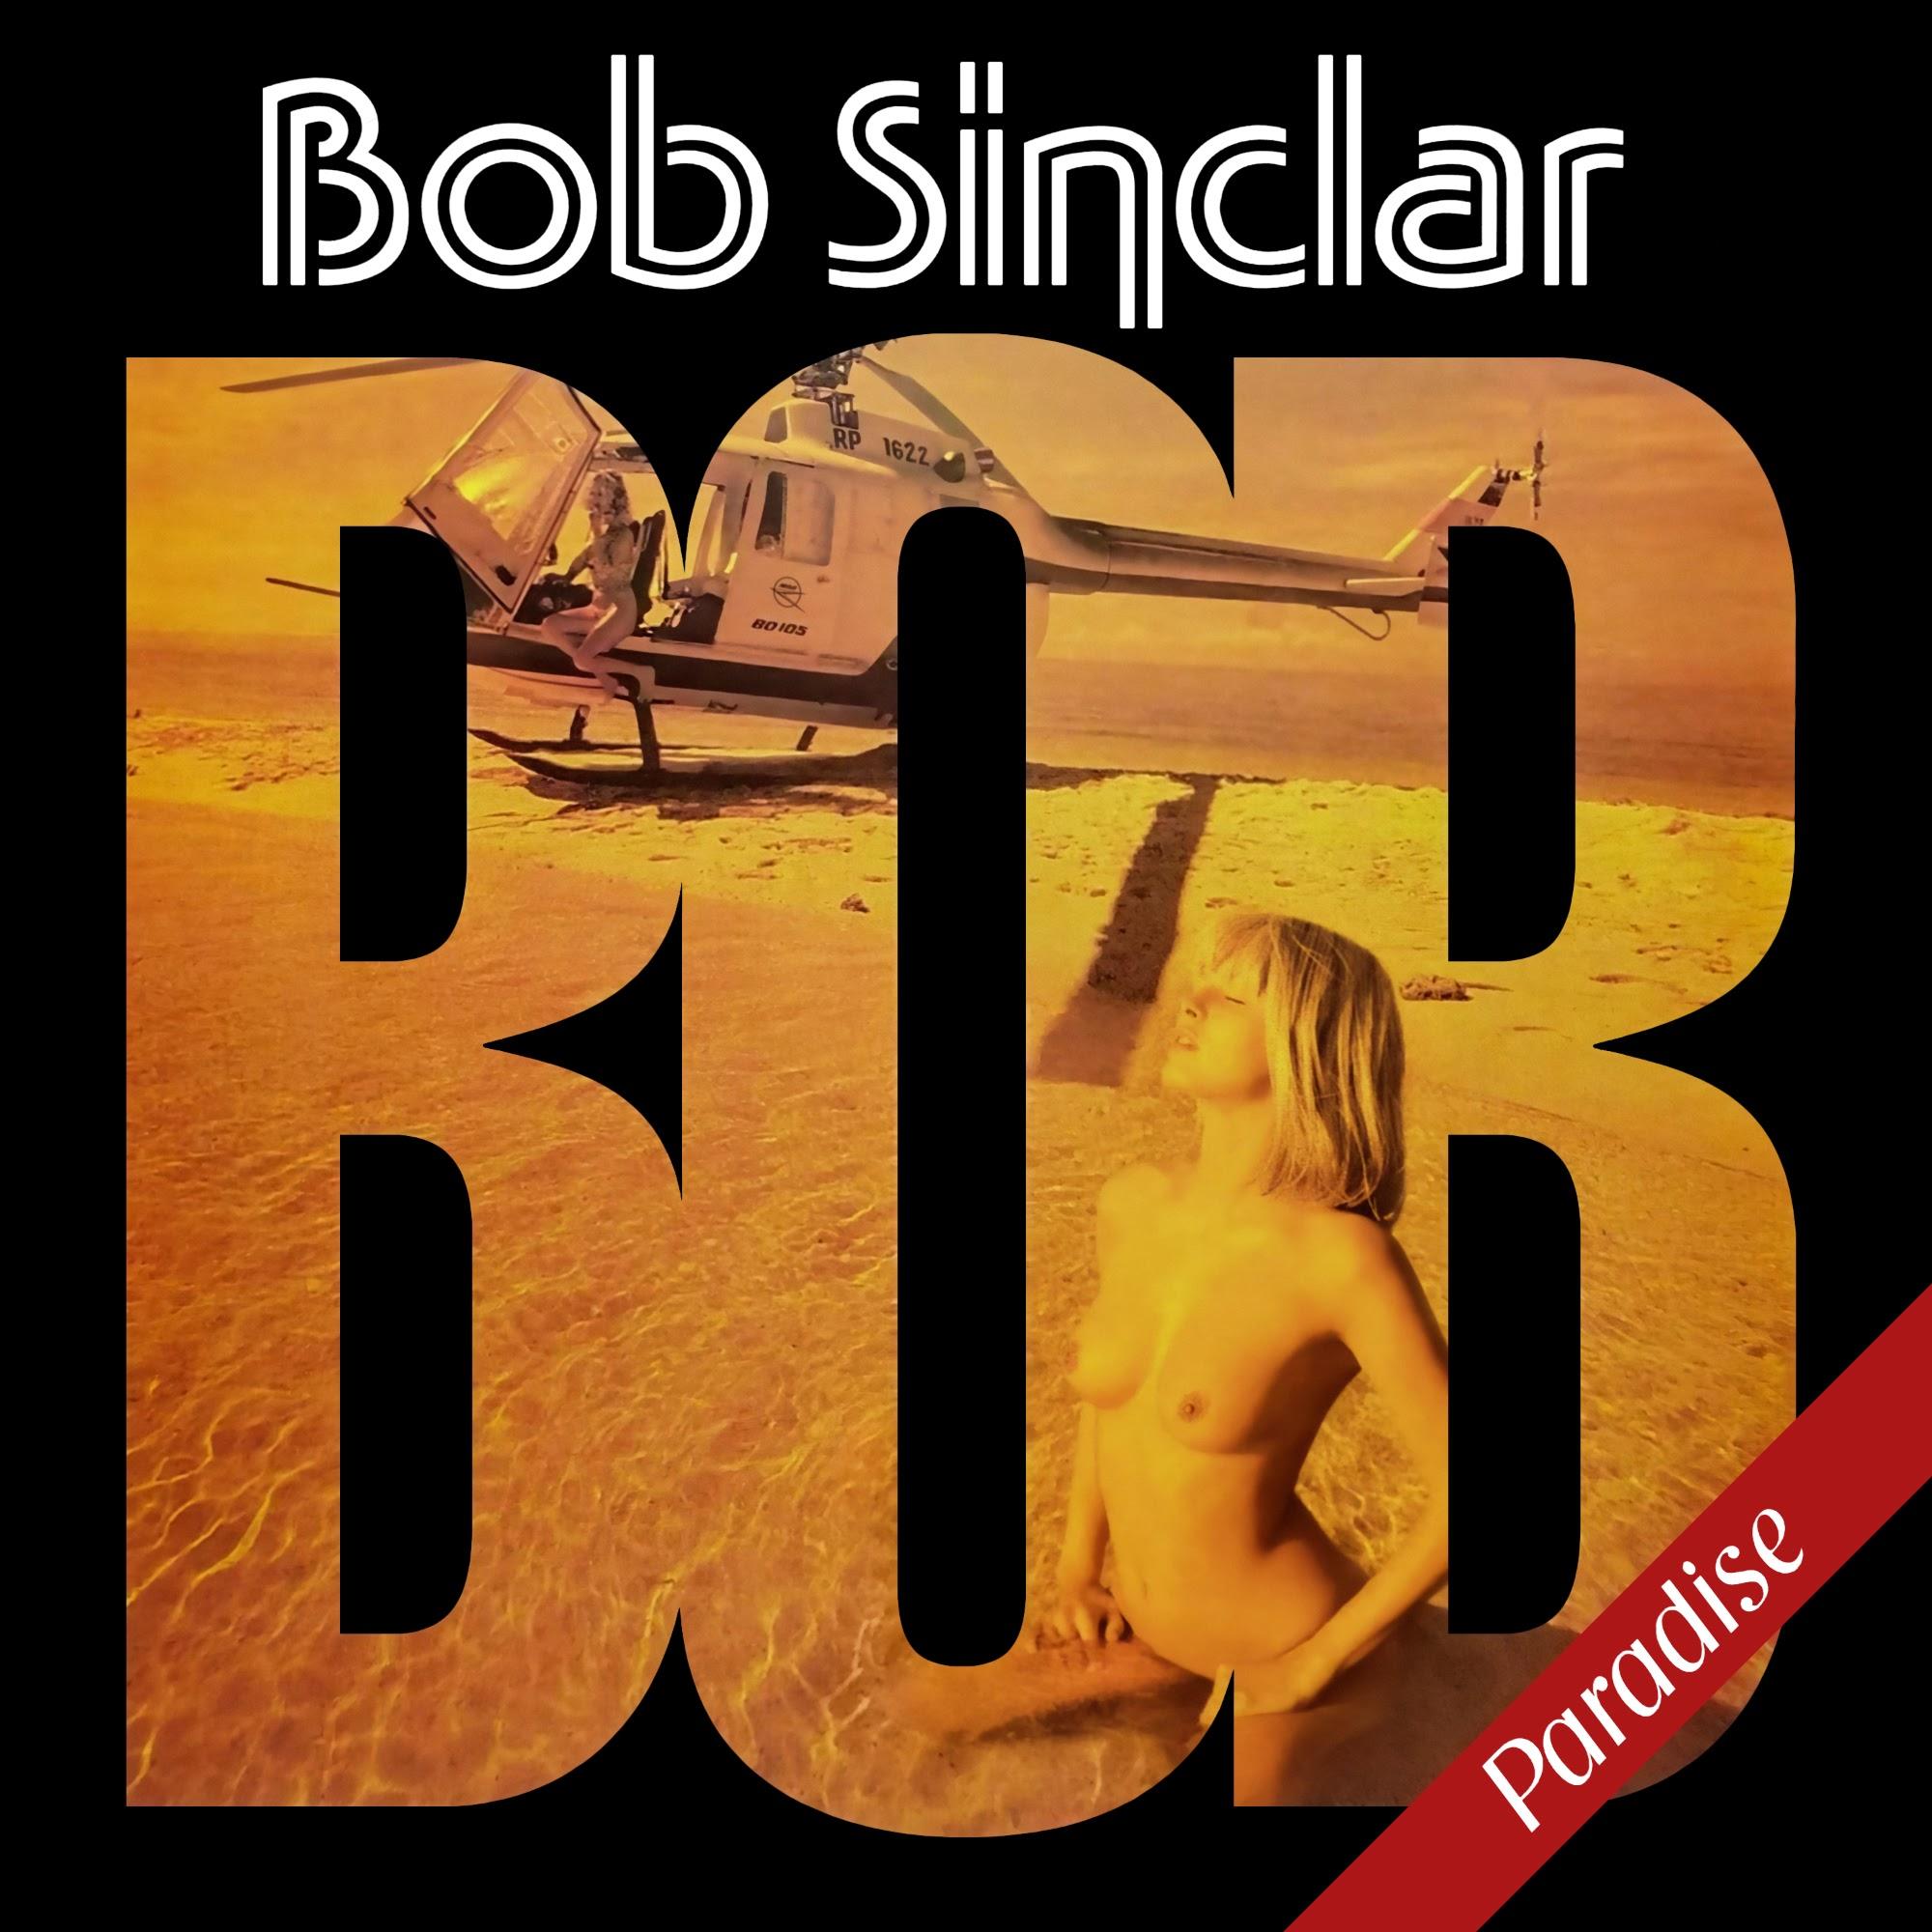 Album Artist: Bob Sinclar / Album Title: Paradise [Initial Release CD Cover]